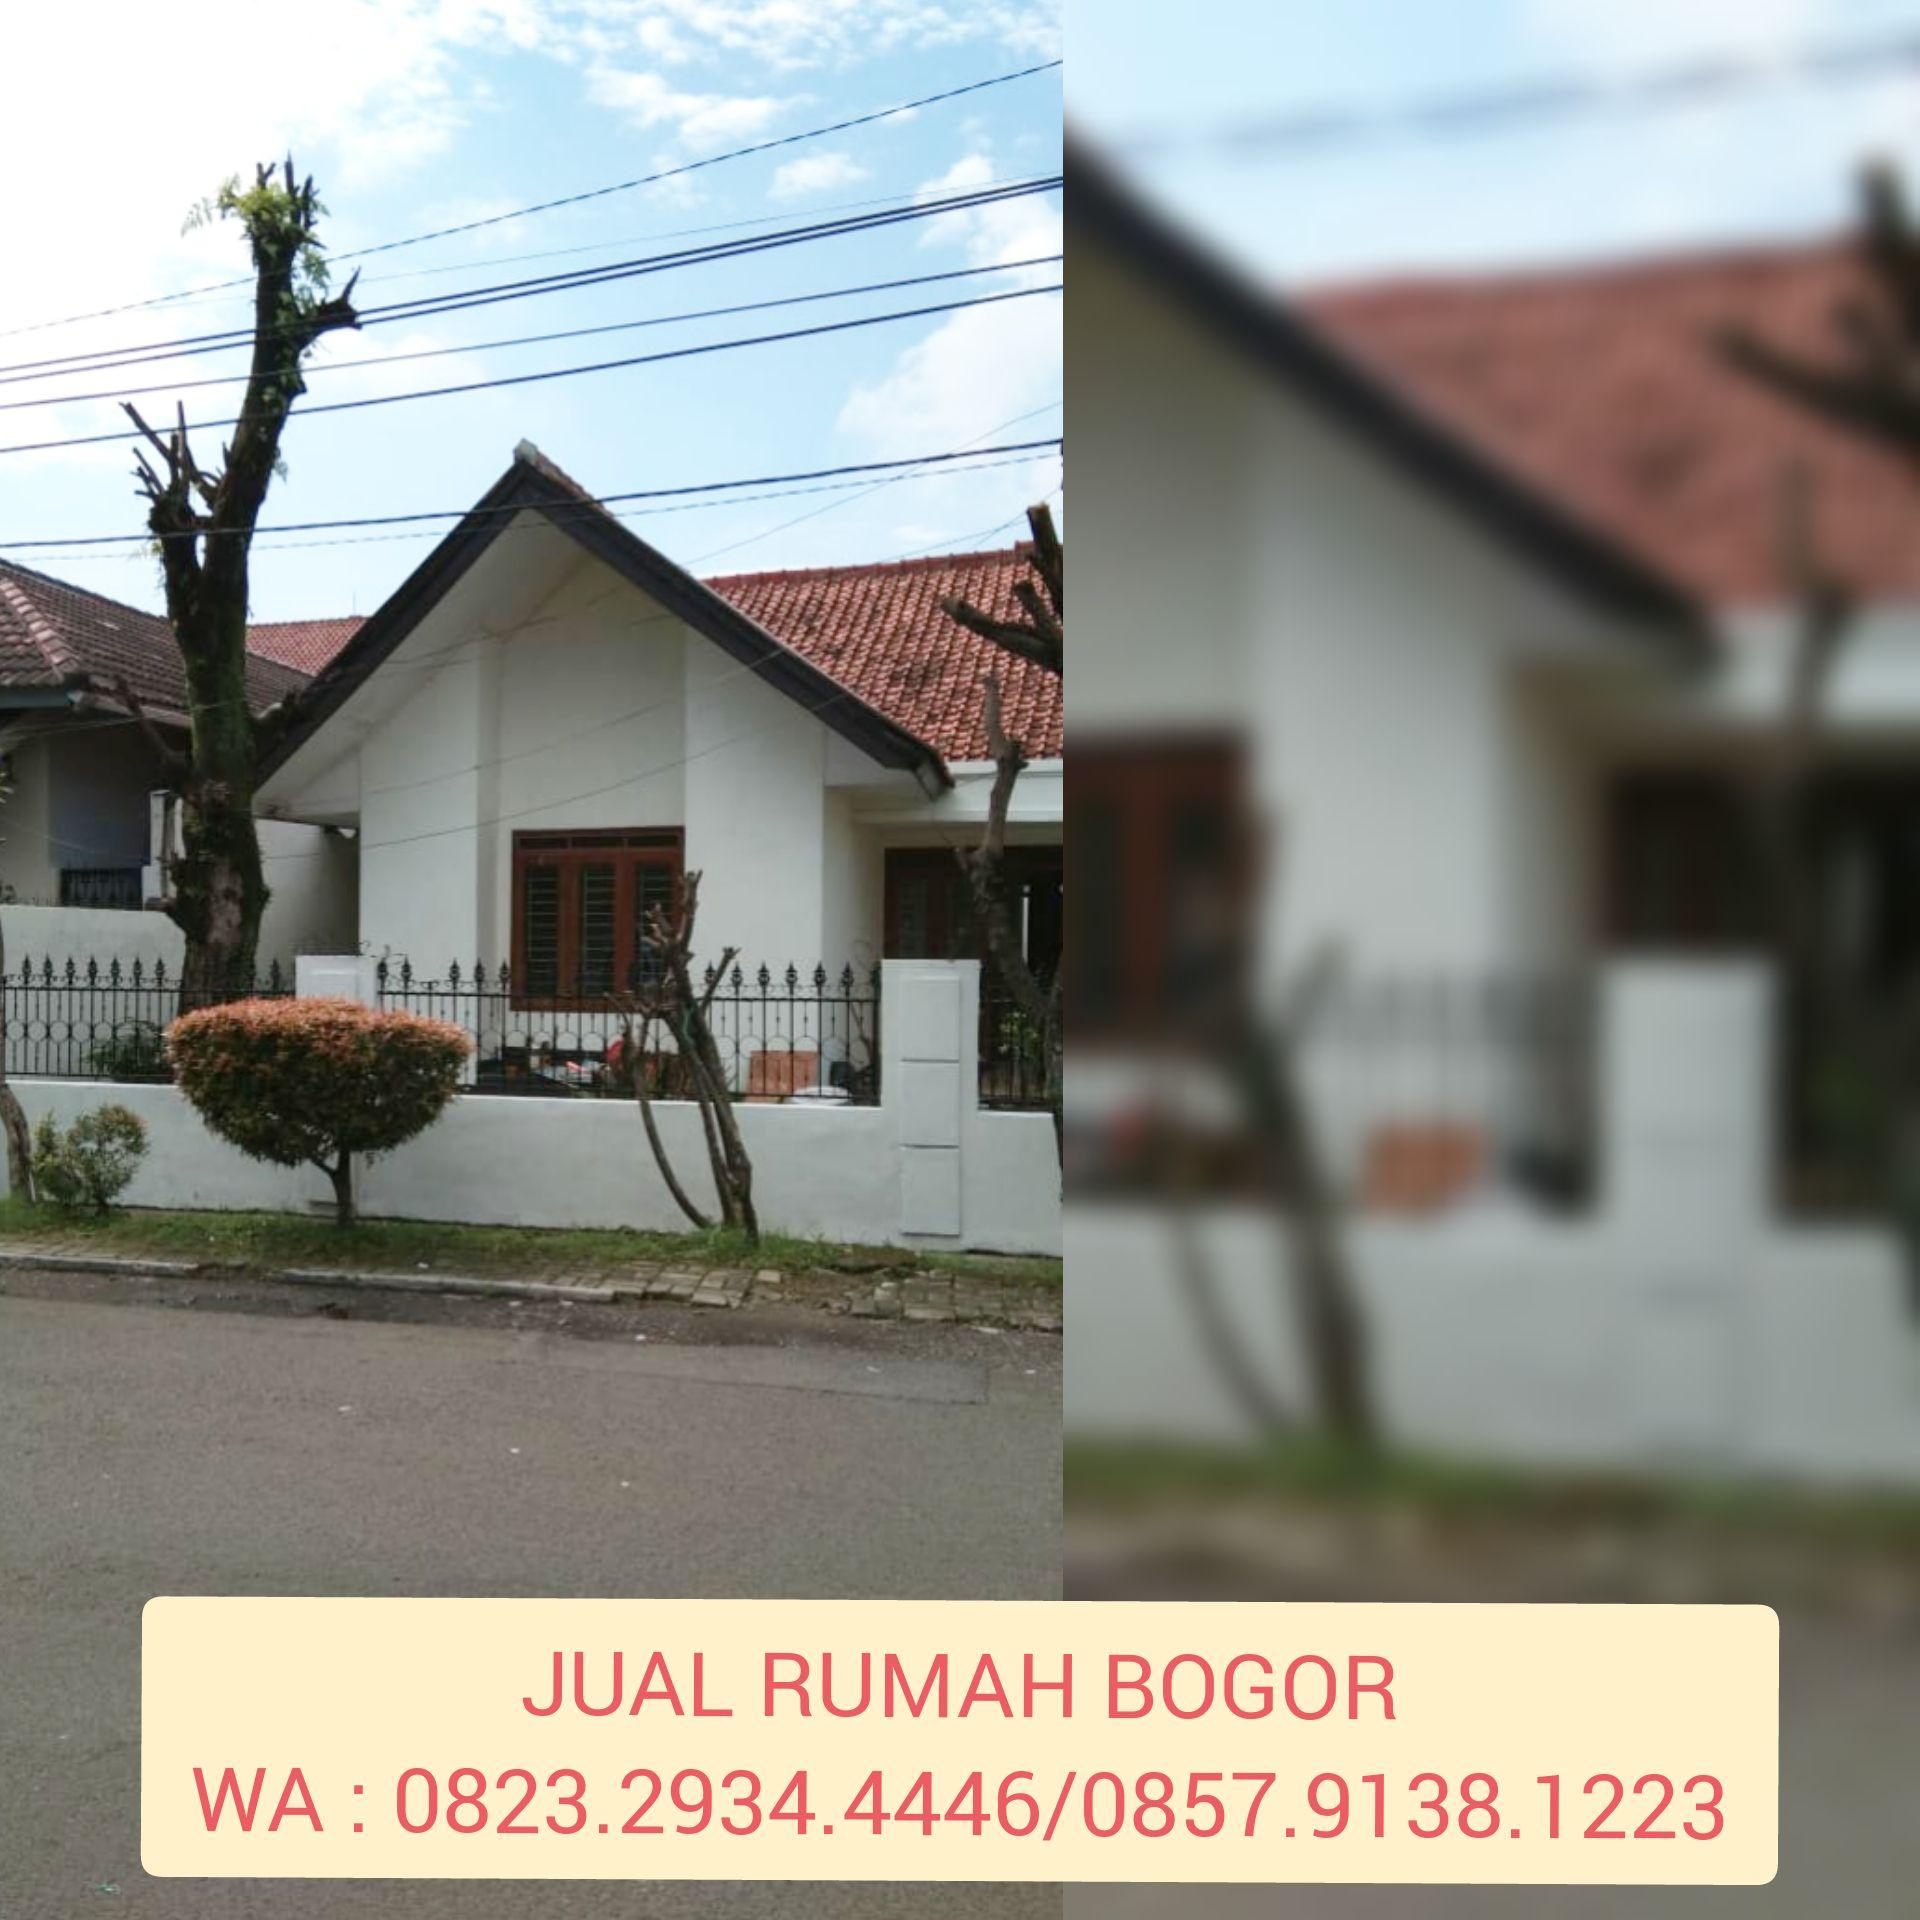 Dijual Rumah Dijual Rumah Mewah Dijual Rumah Bogor 0823 2934 4446 0857 9138 1223 Di 2020 Pekarangan Rumah Kota Bogor